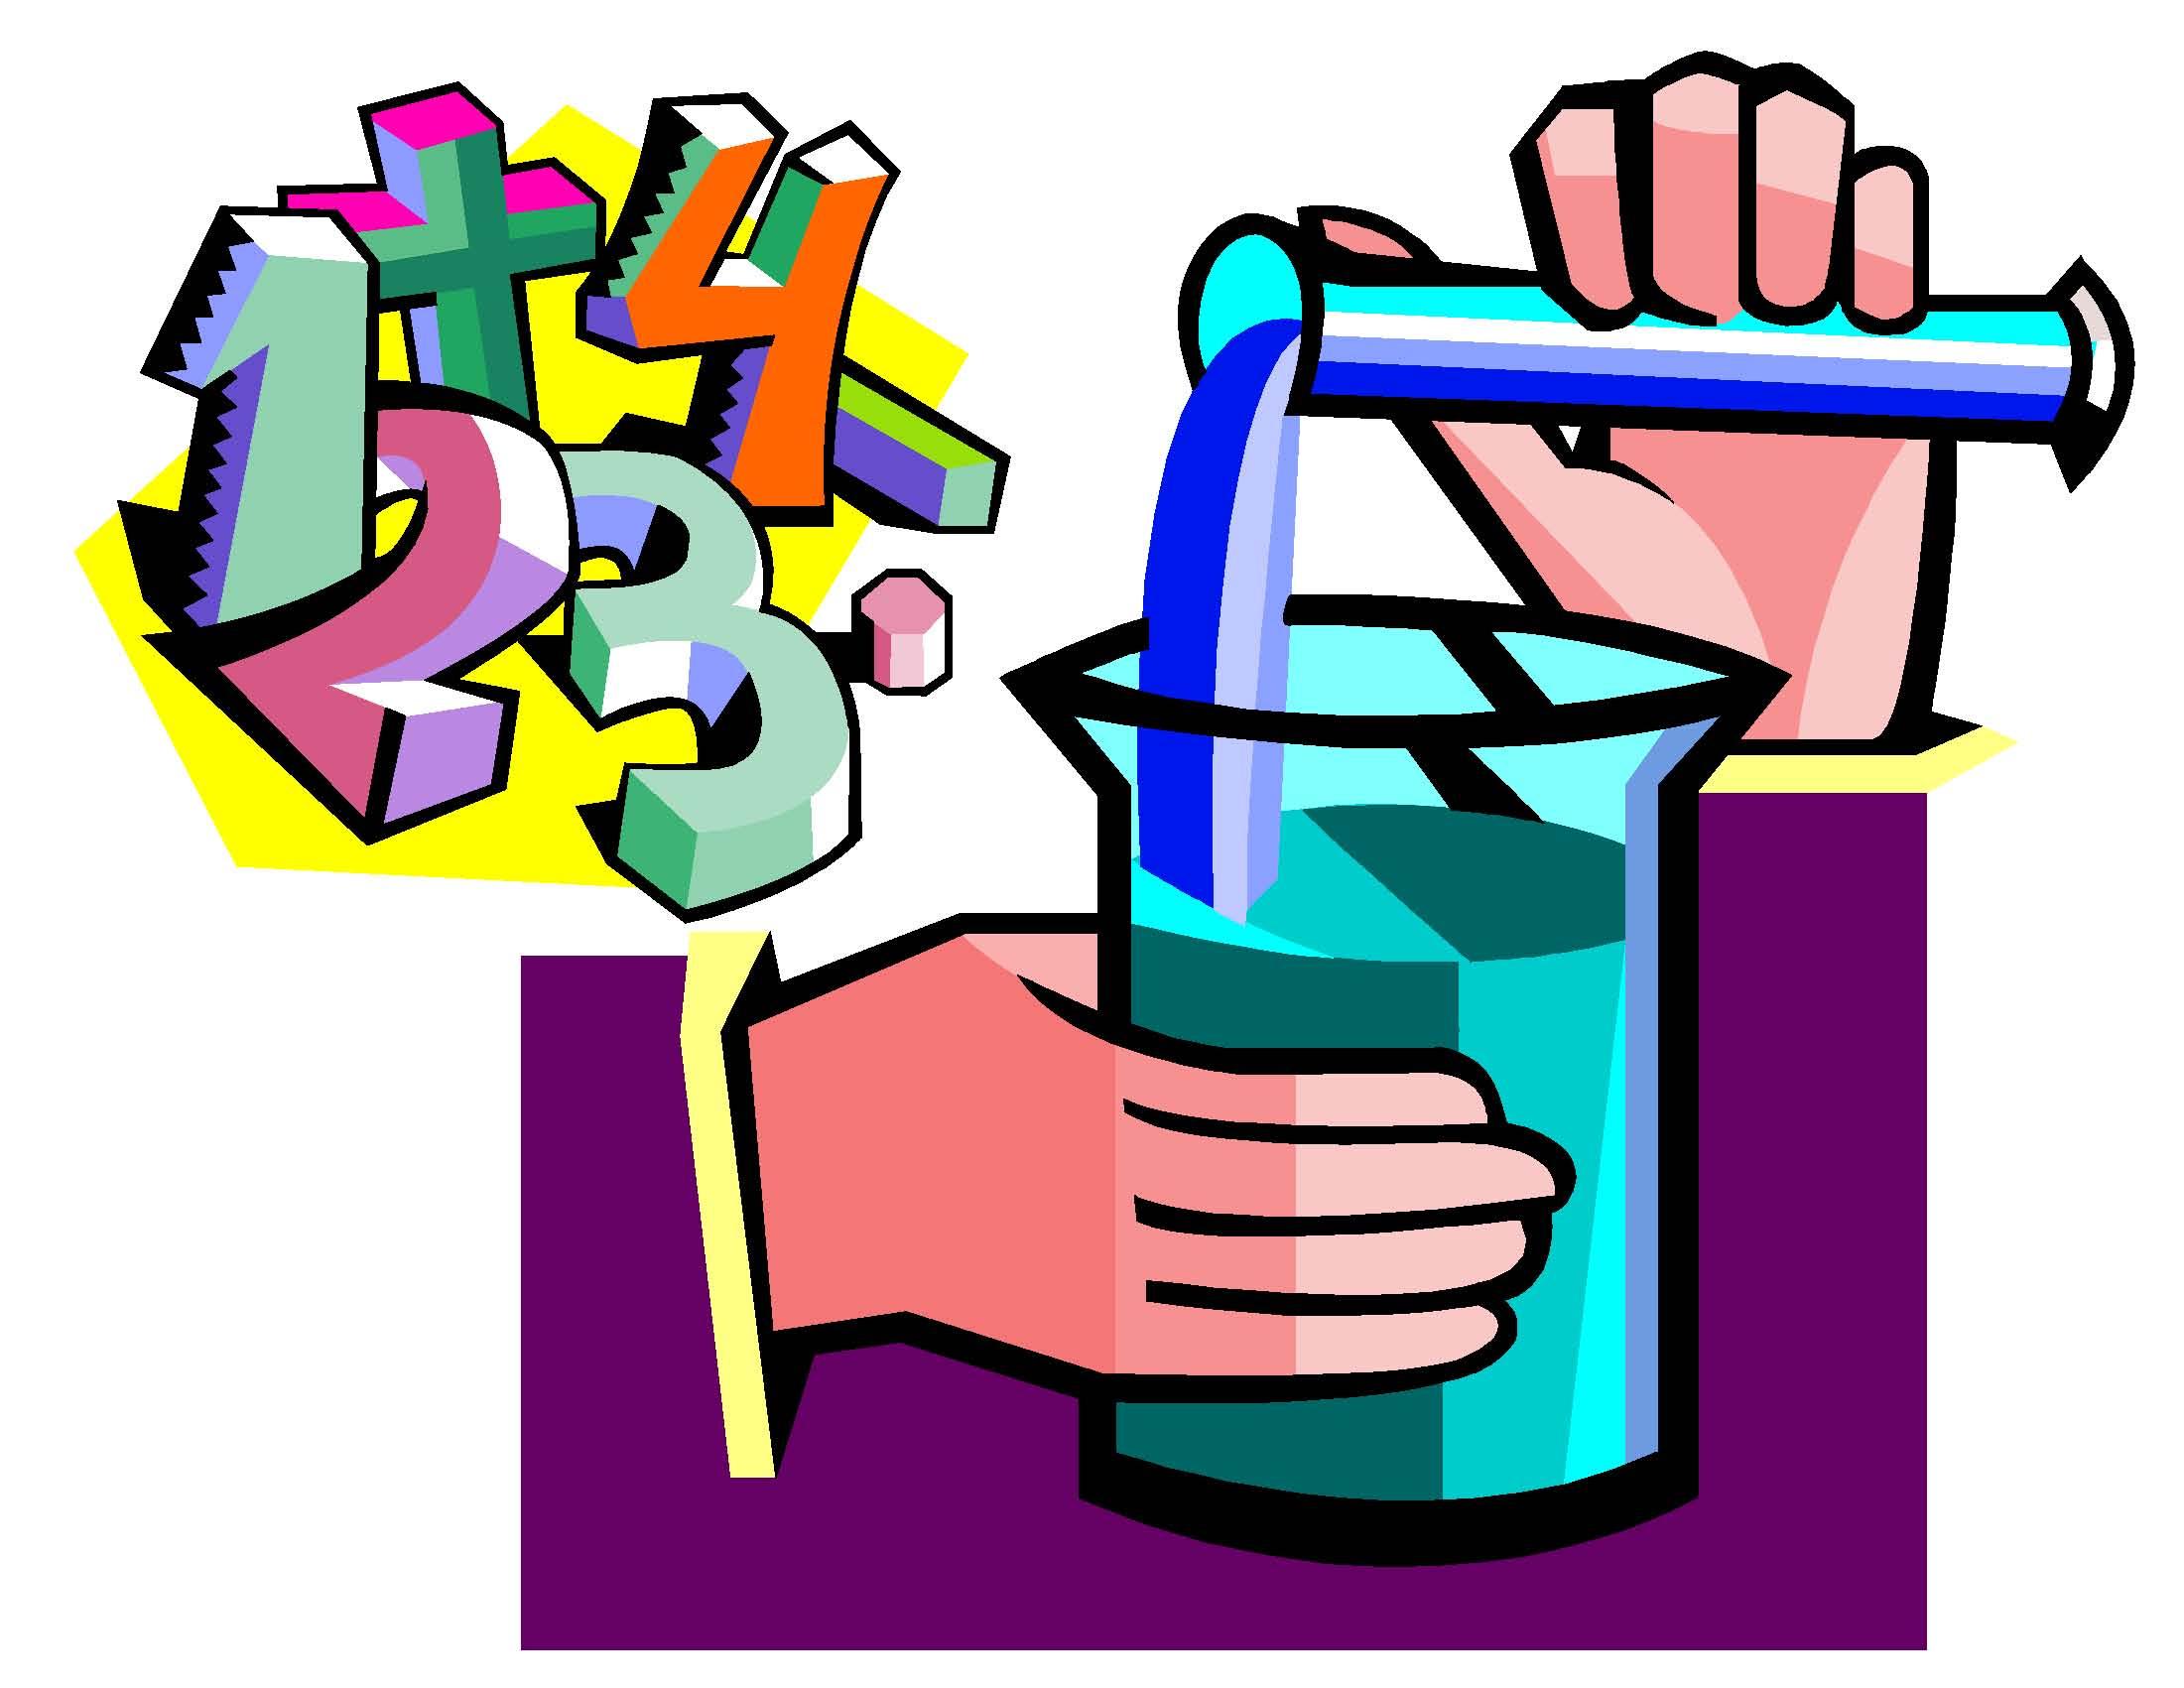 2201x1701 Math Clipart Clip Art Math Easter Sunday Clip Art Clipart